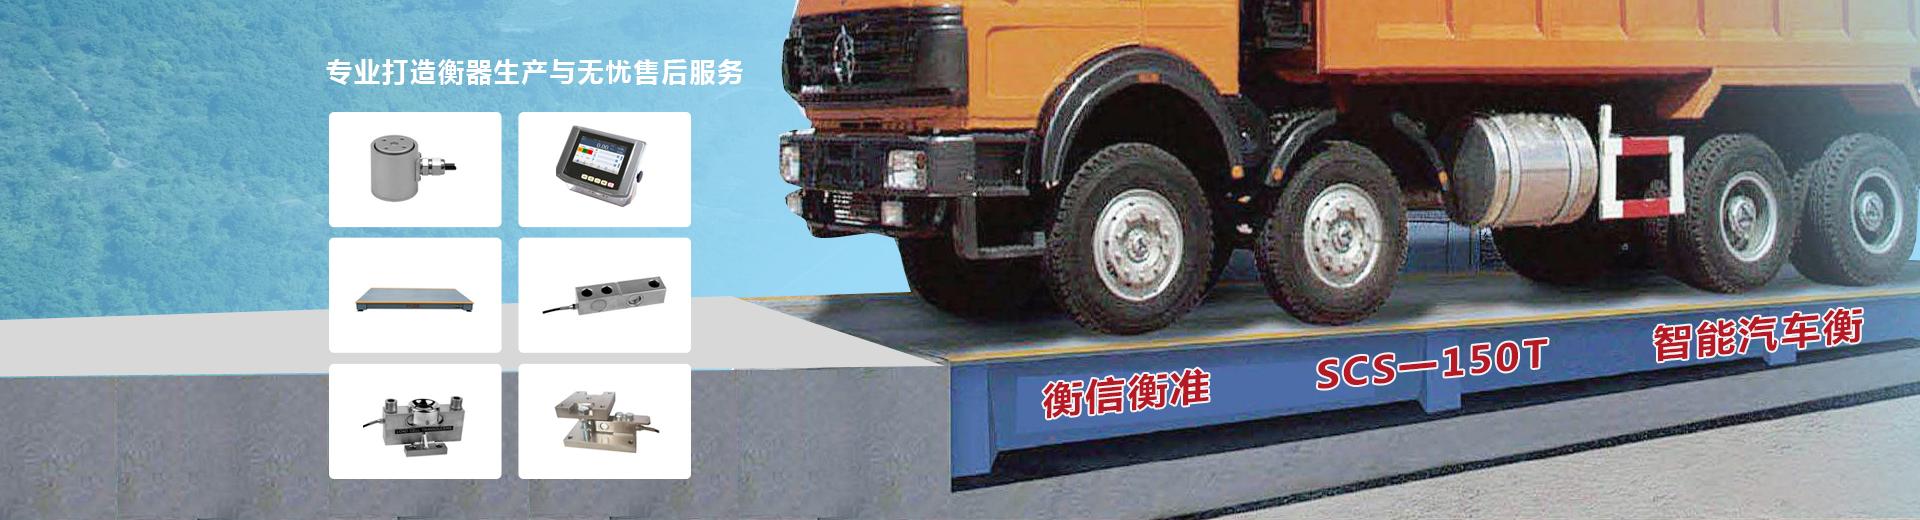 惠州汽车衡